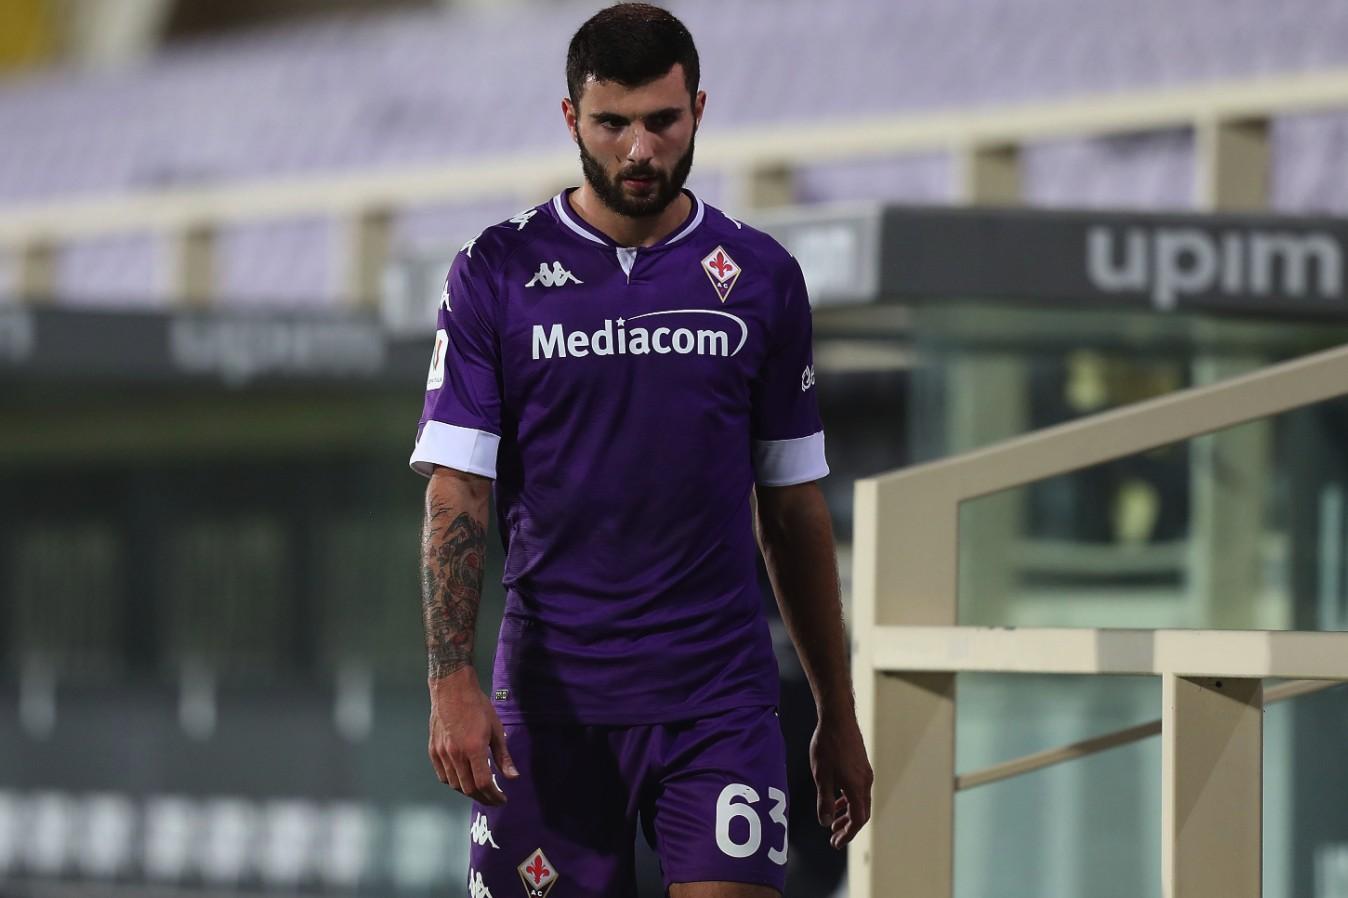 桑普想先租后买签库特罗内,拉齐奥也对球员有意